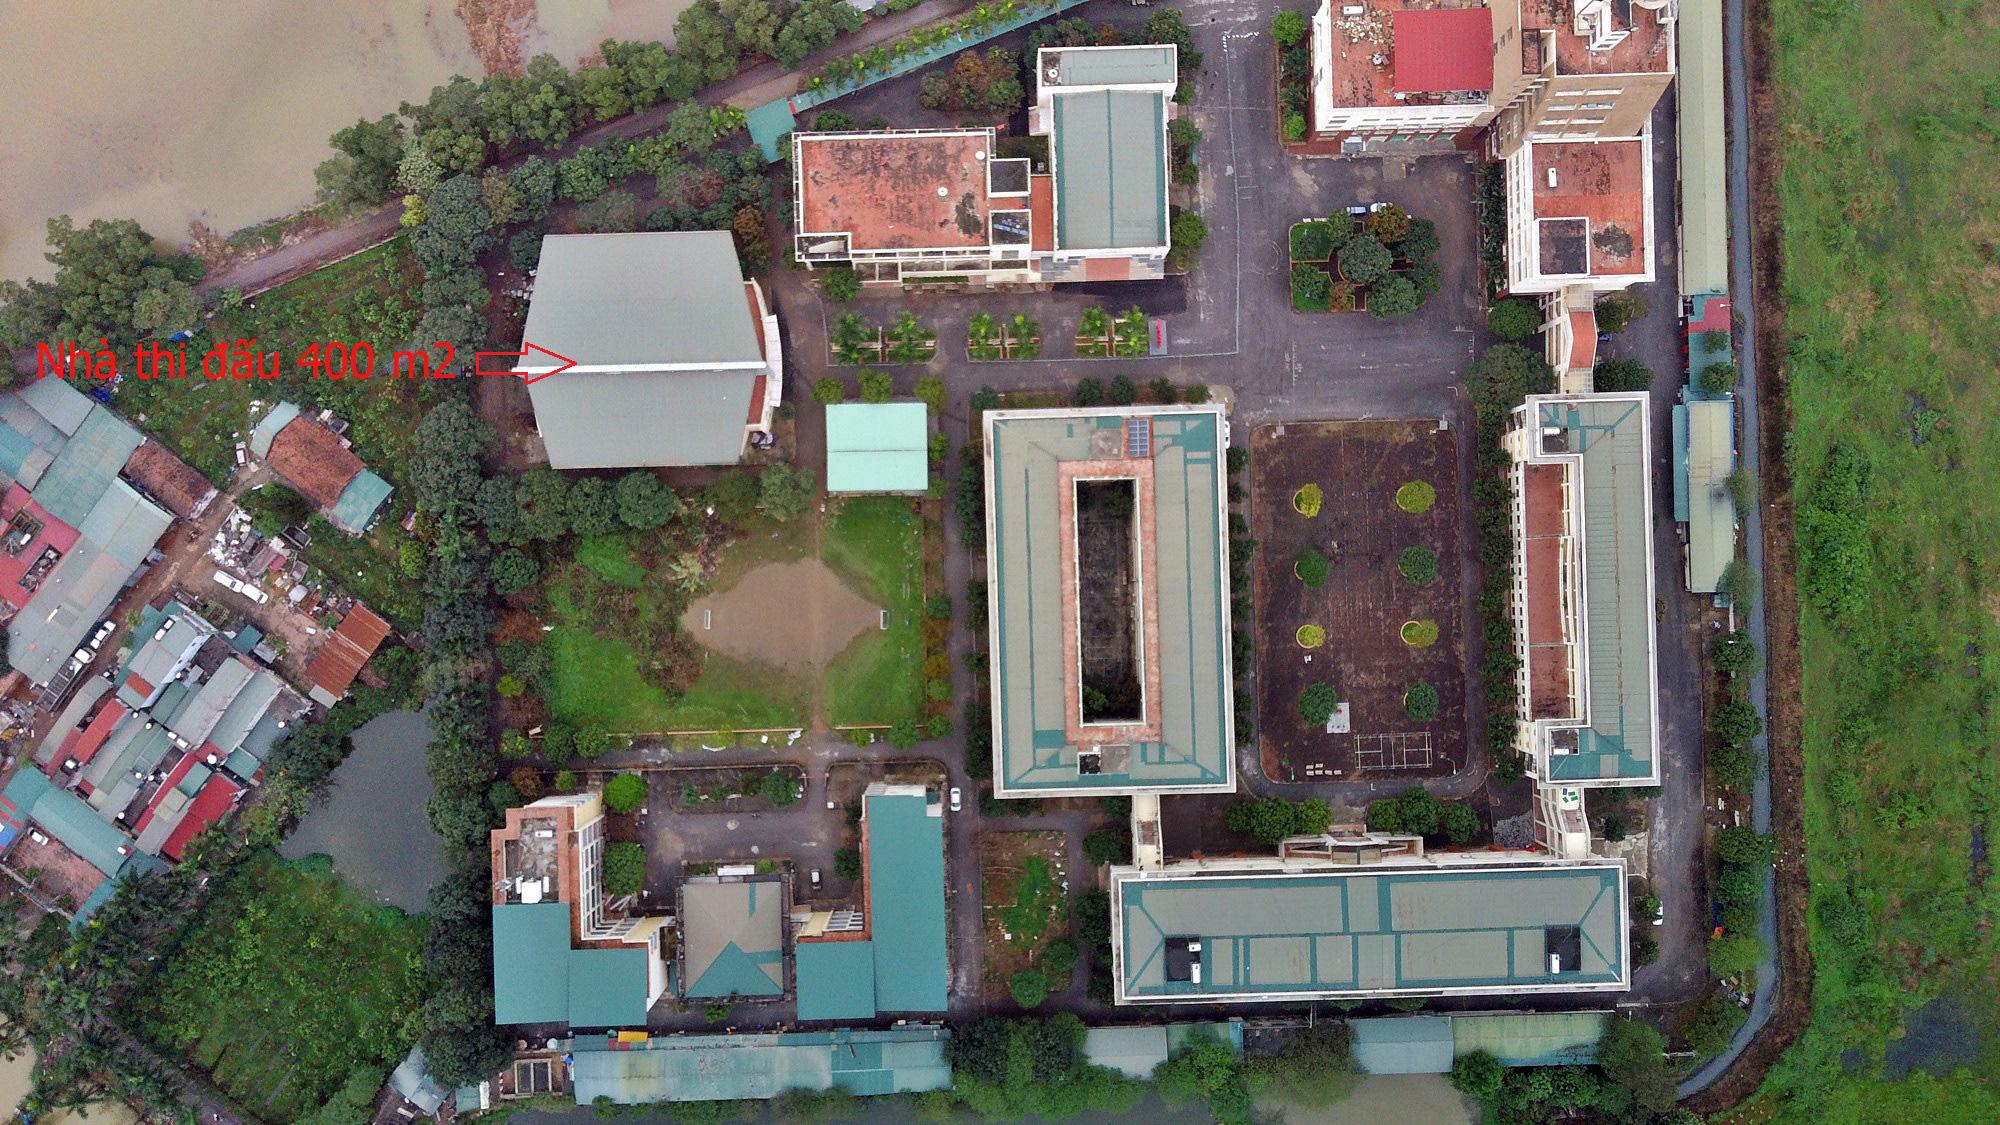 Cận cảnh khu cách li tập trung cho 800 người ở trường Cao đẳng nghề Công nghệ cao Hà Nội - Ảnh 6.